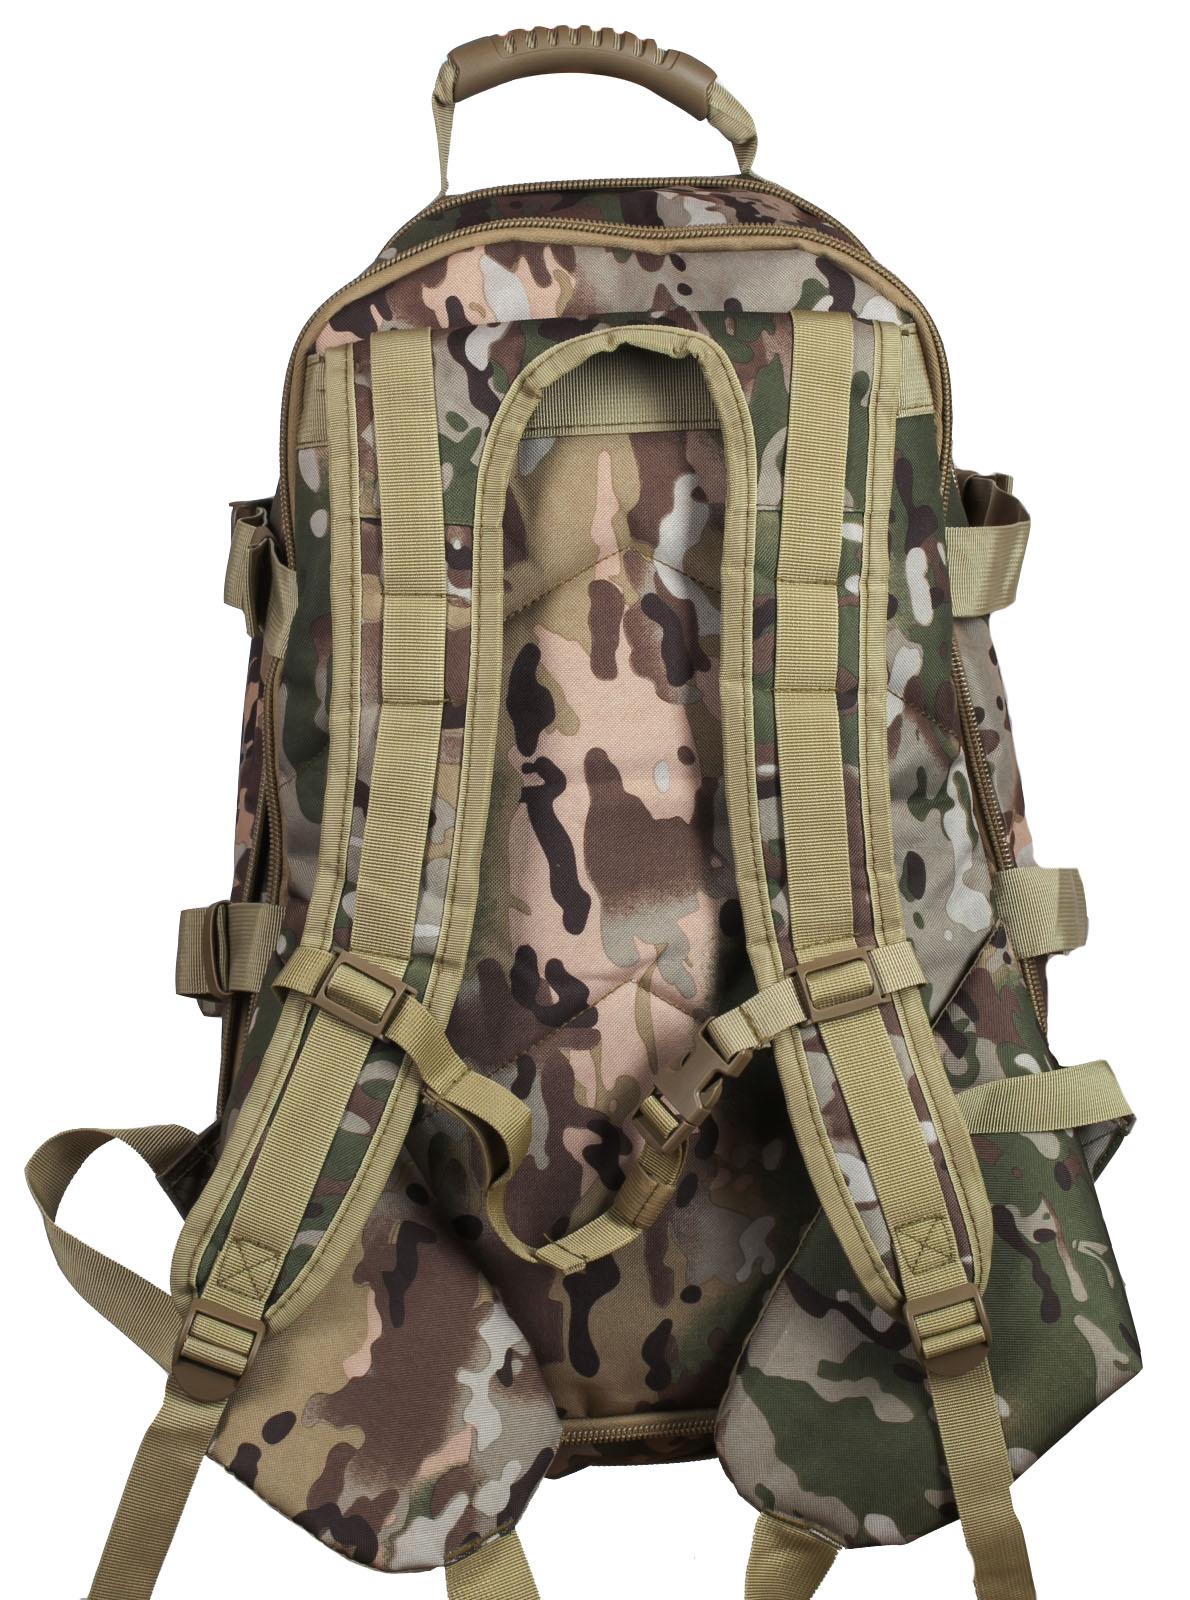 Камуфляжный трехдневный рюкзак с нашивкой Русская Охота - купить выгодно